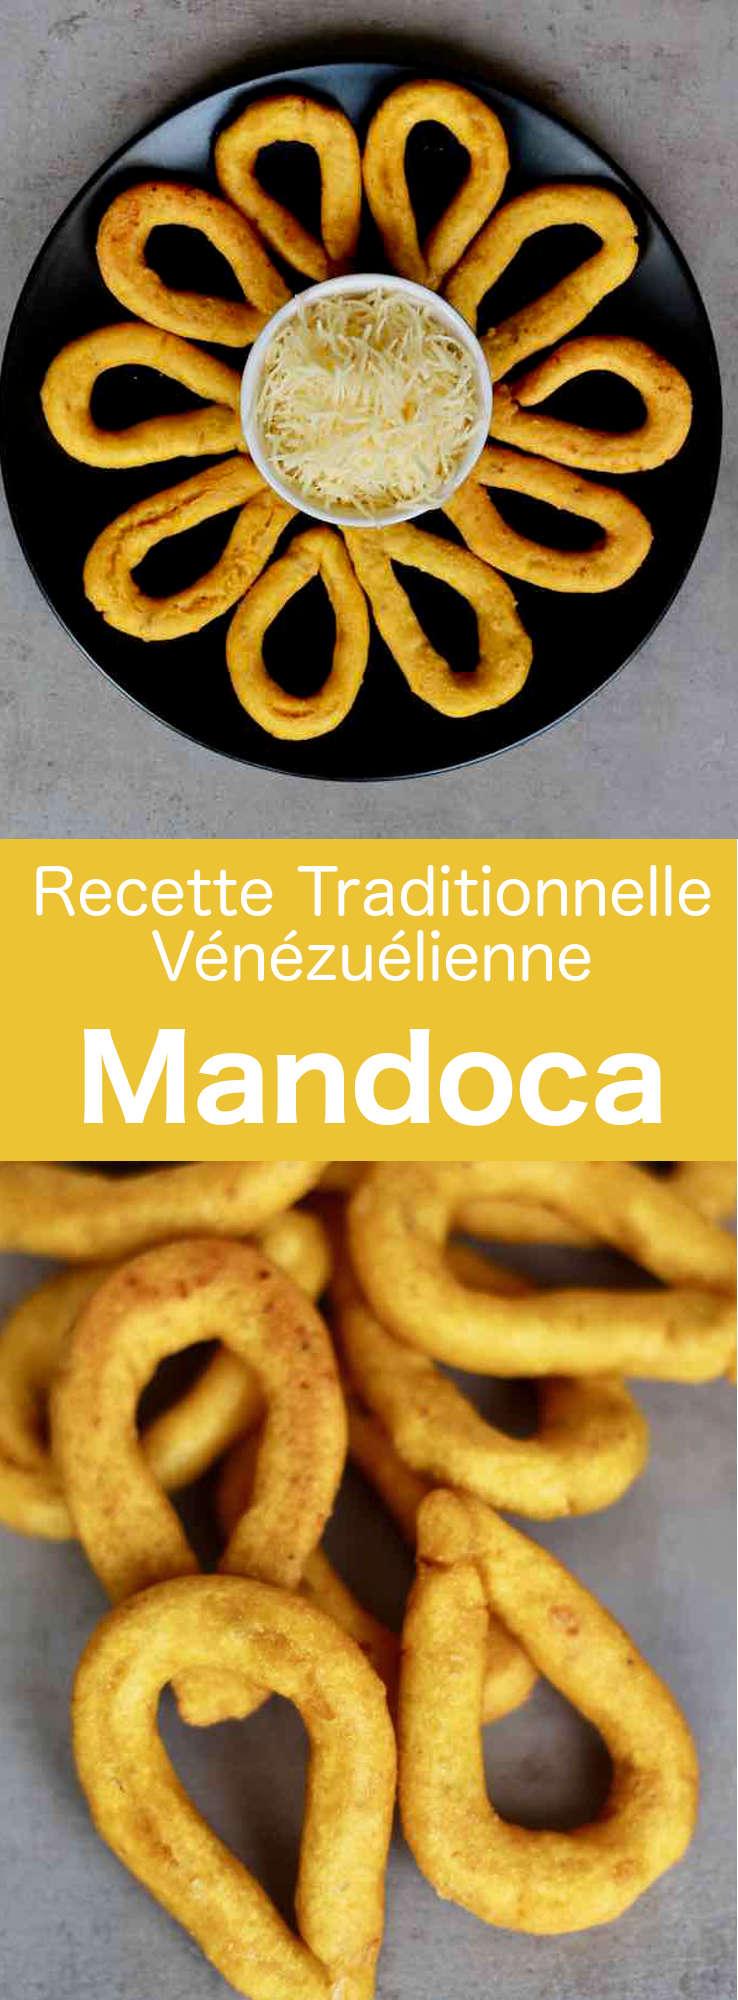 La mandoca est un petit beignet vénézuélien composé de farine de maïs, de panela, de banane plantain et de fromage râpé, souvent servi au petit déjeuner. #Venezuela #CuisineVenezuelienne #AmeriqueLatine #CuisineLatine #CuisineDuMonde #196flavors